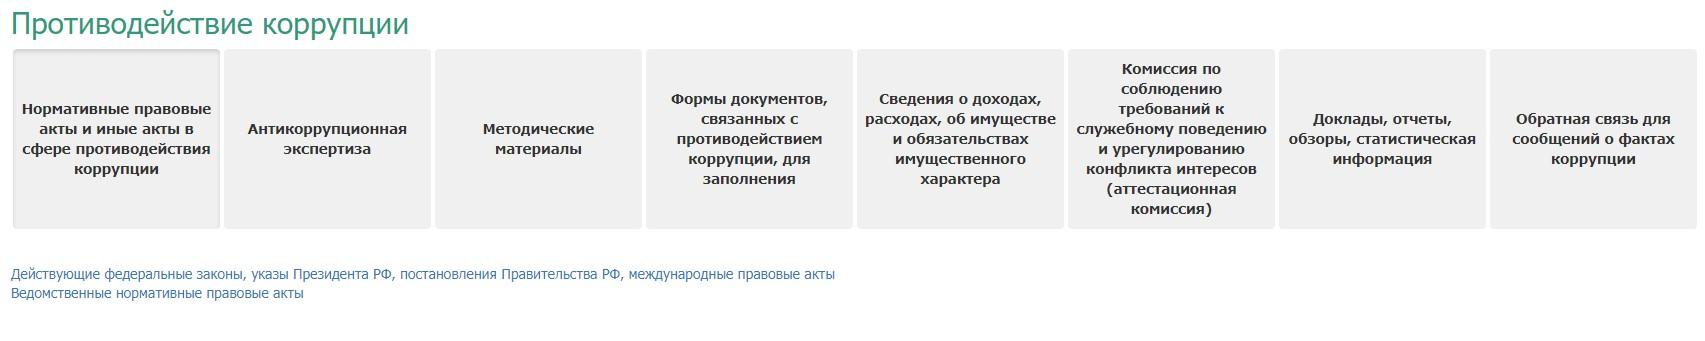 Пункт «Противодействие коррупции»